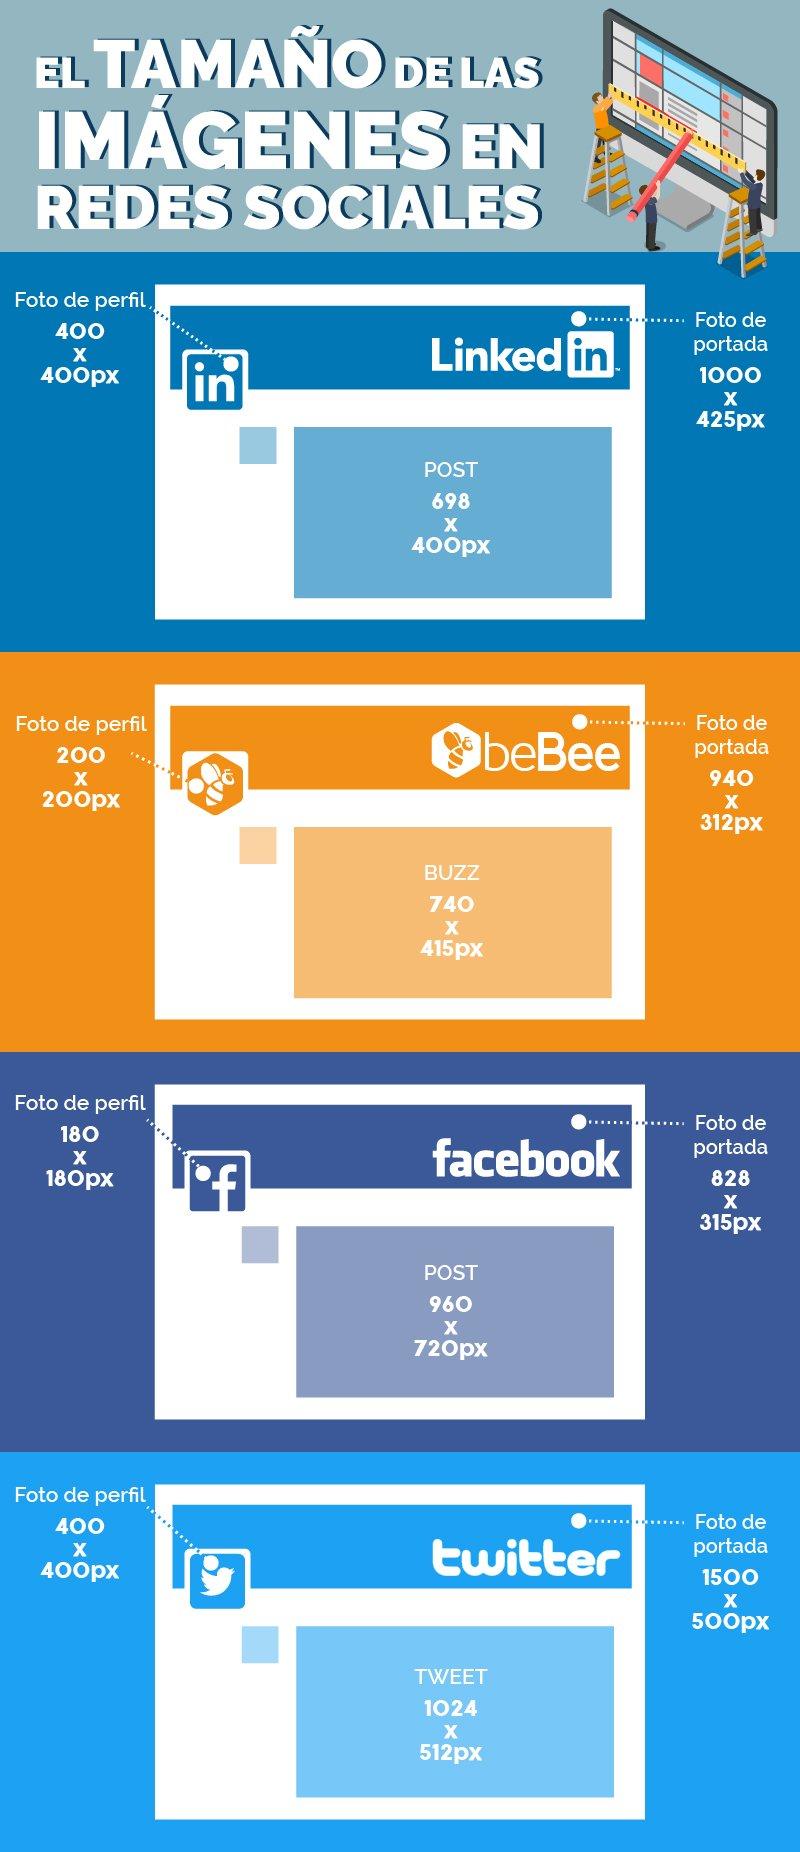 Algunos tamaños de imágenes en Redes Sociales #infografia #infographic #socialmedia